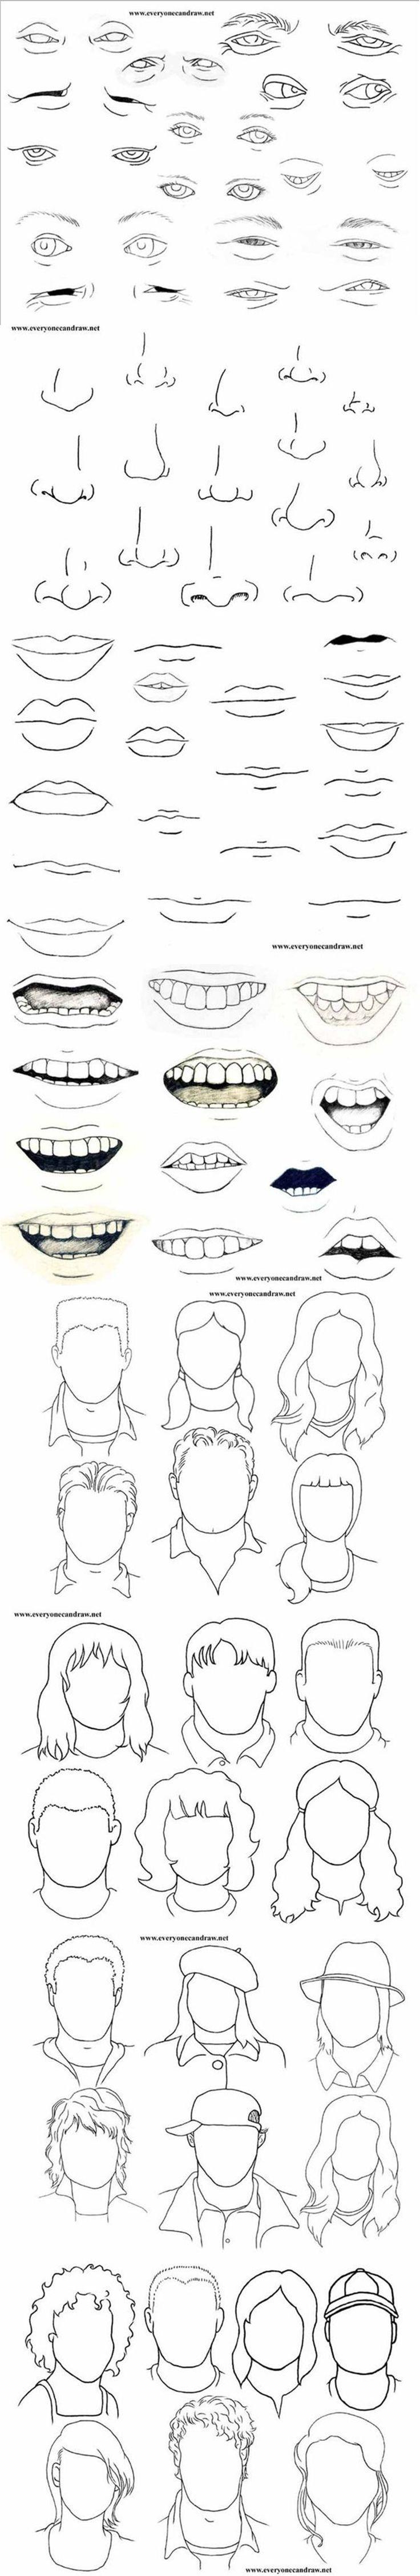 Zeichnung Gesichter 1728   blume bilder handy kostenlos                                                                                                                                                                                 Mehr